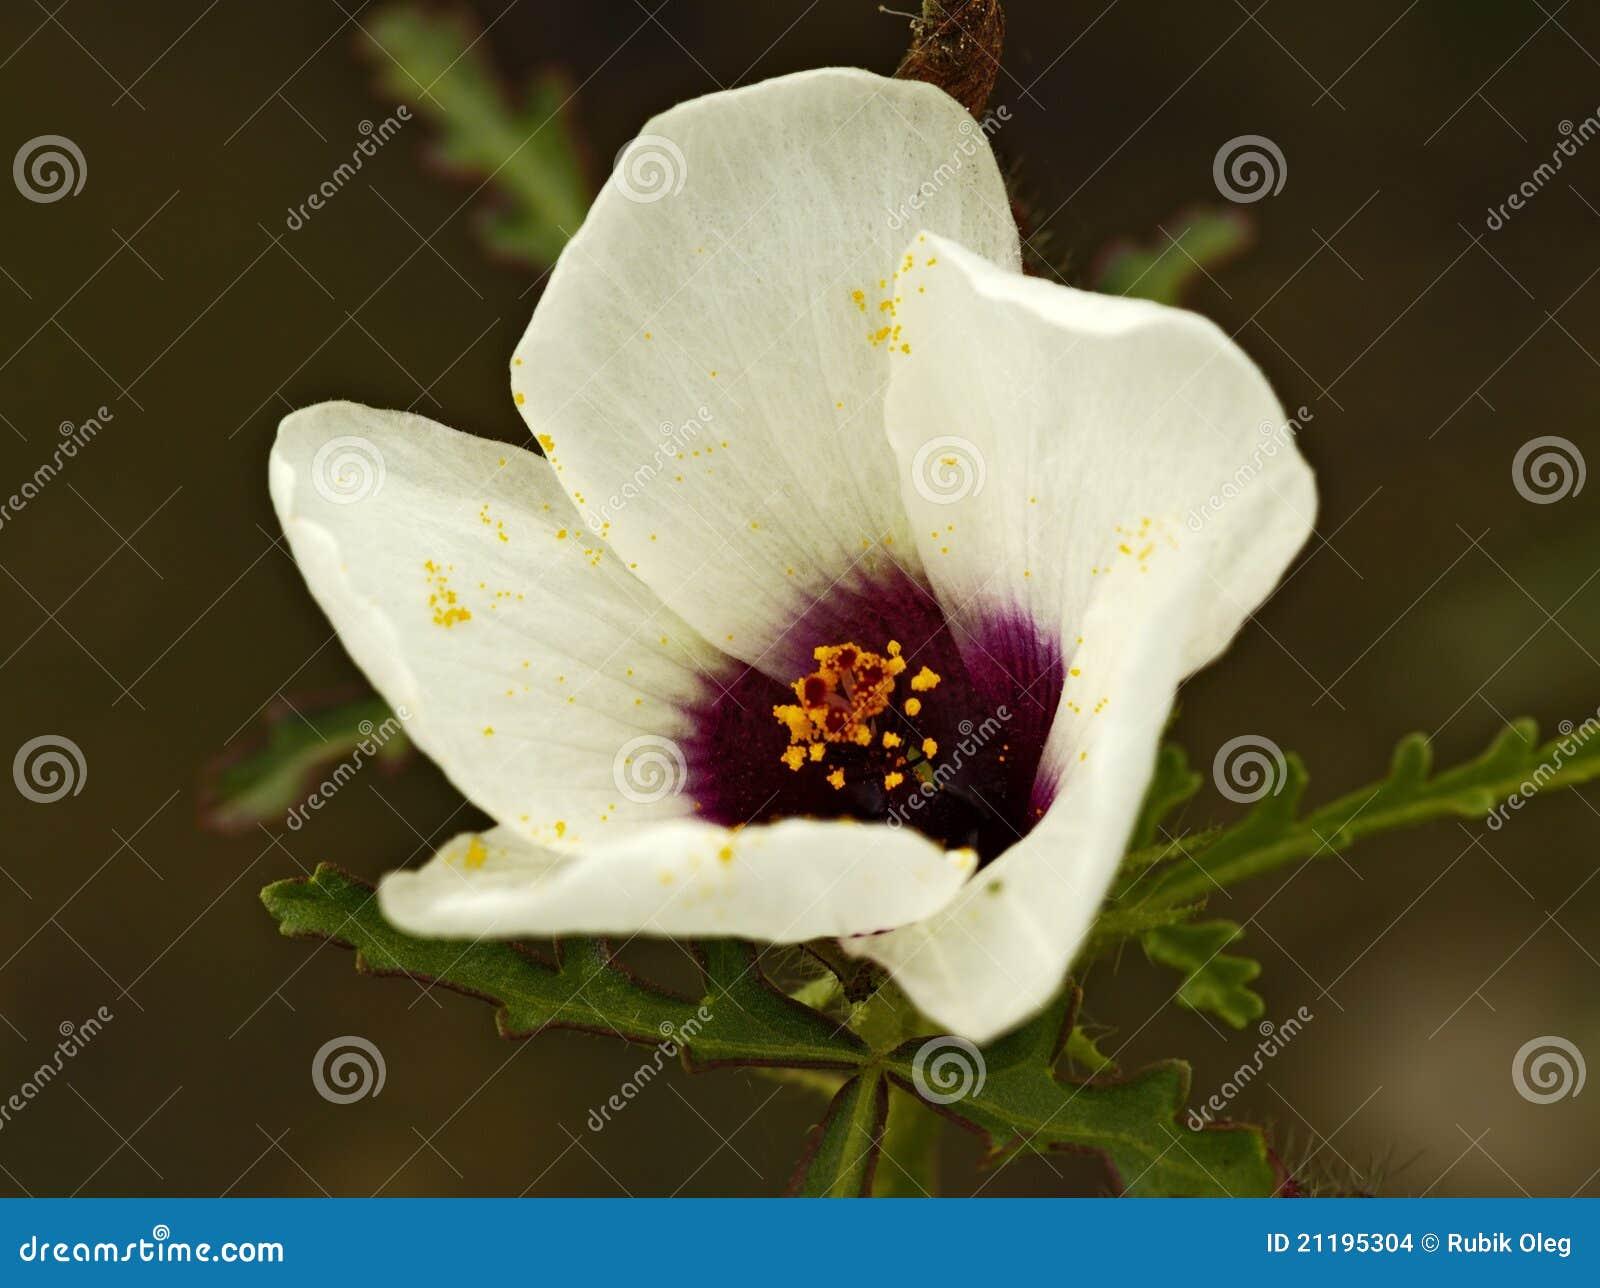 White meadow flower